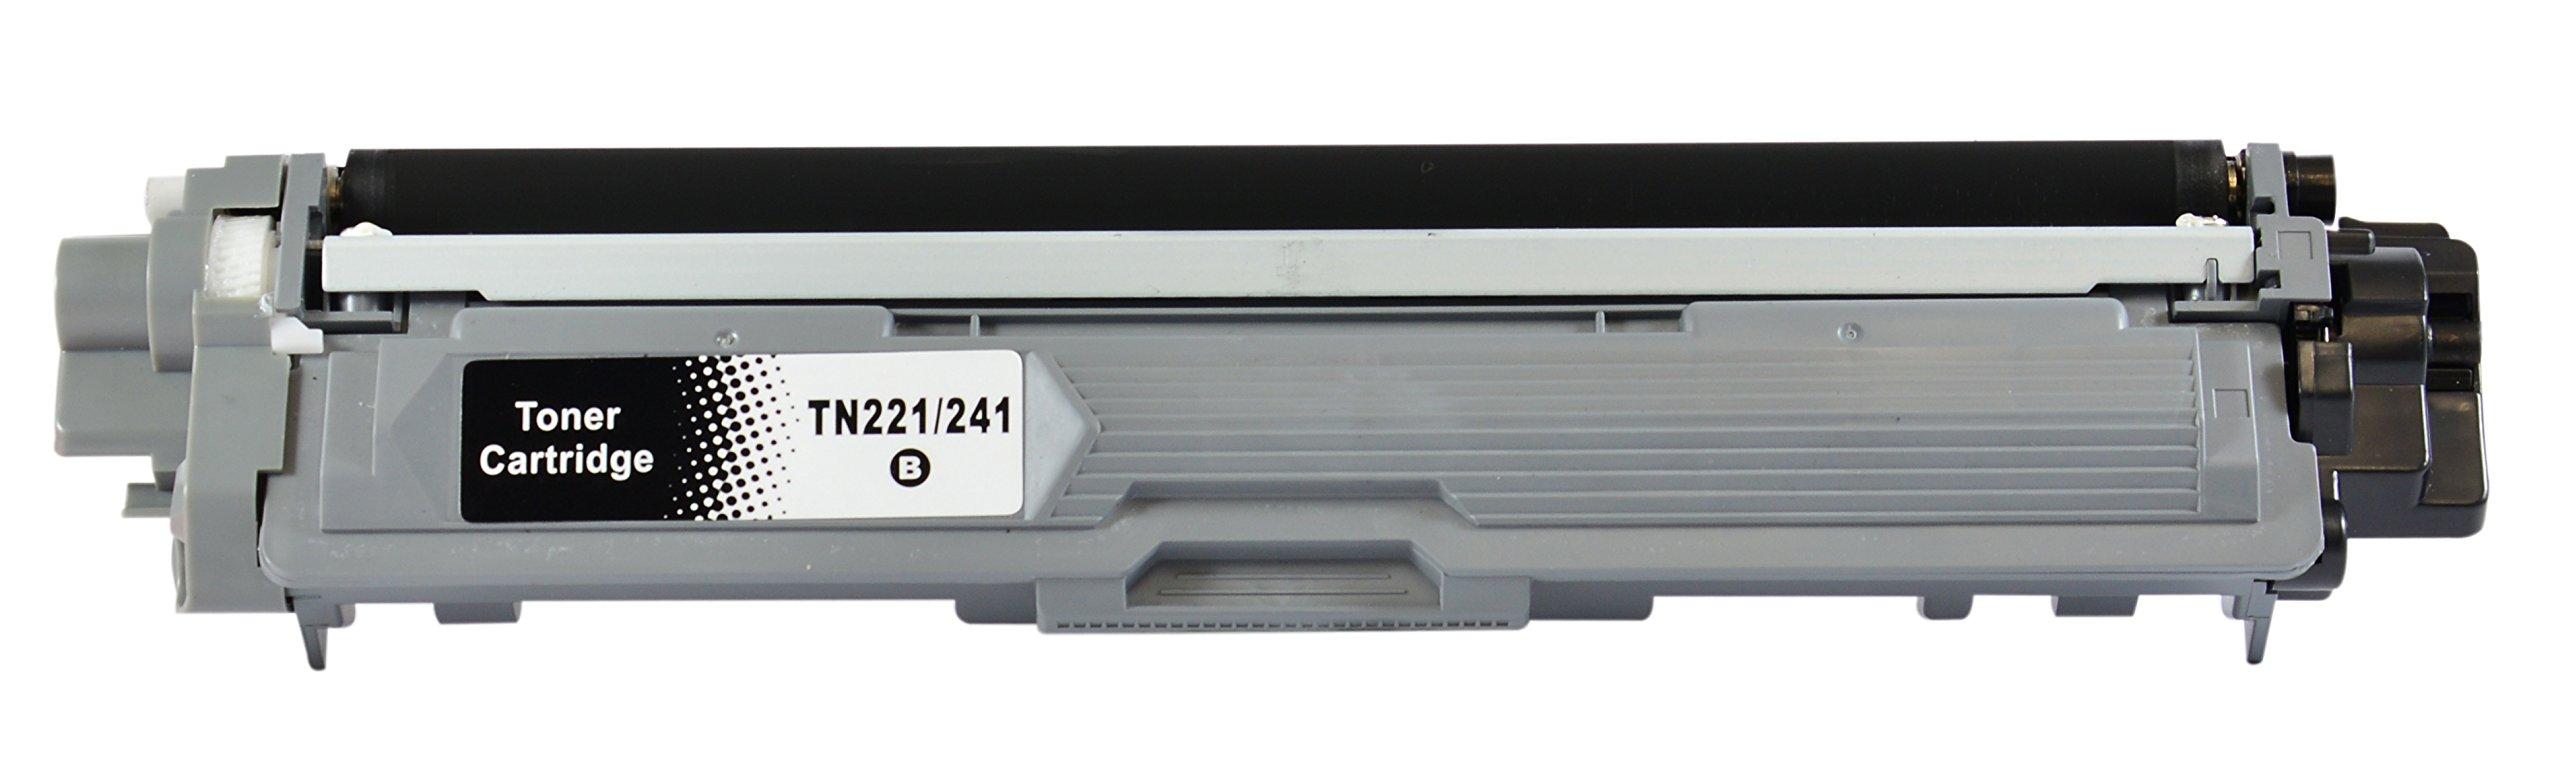 Bubprint-5-Toner-kompatibel-fr-Brother-TN-241-TN-245-fr-DCP-9020CDW-HL-3140CW-HL-3150CDW-HL-3170CDW-MFC-9130CW-MFC-9140CDN-MFC-9330CDW-MFC-9340CDW